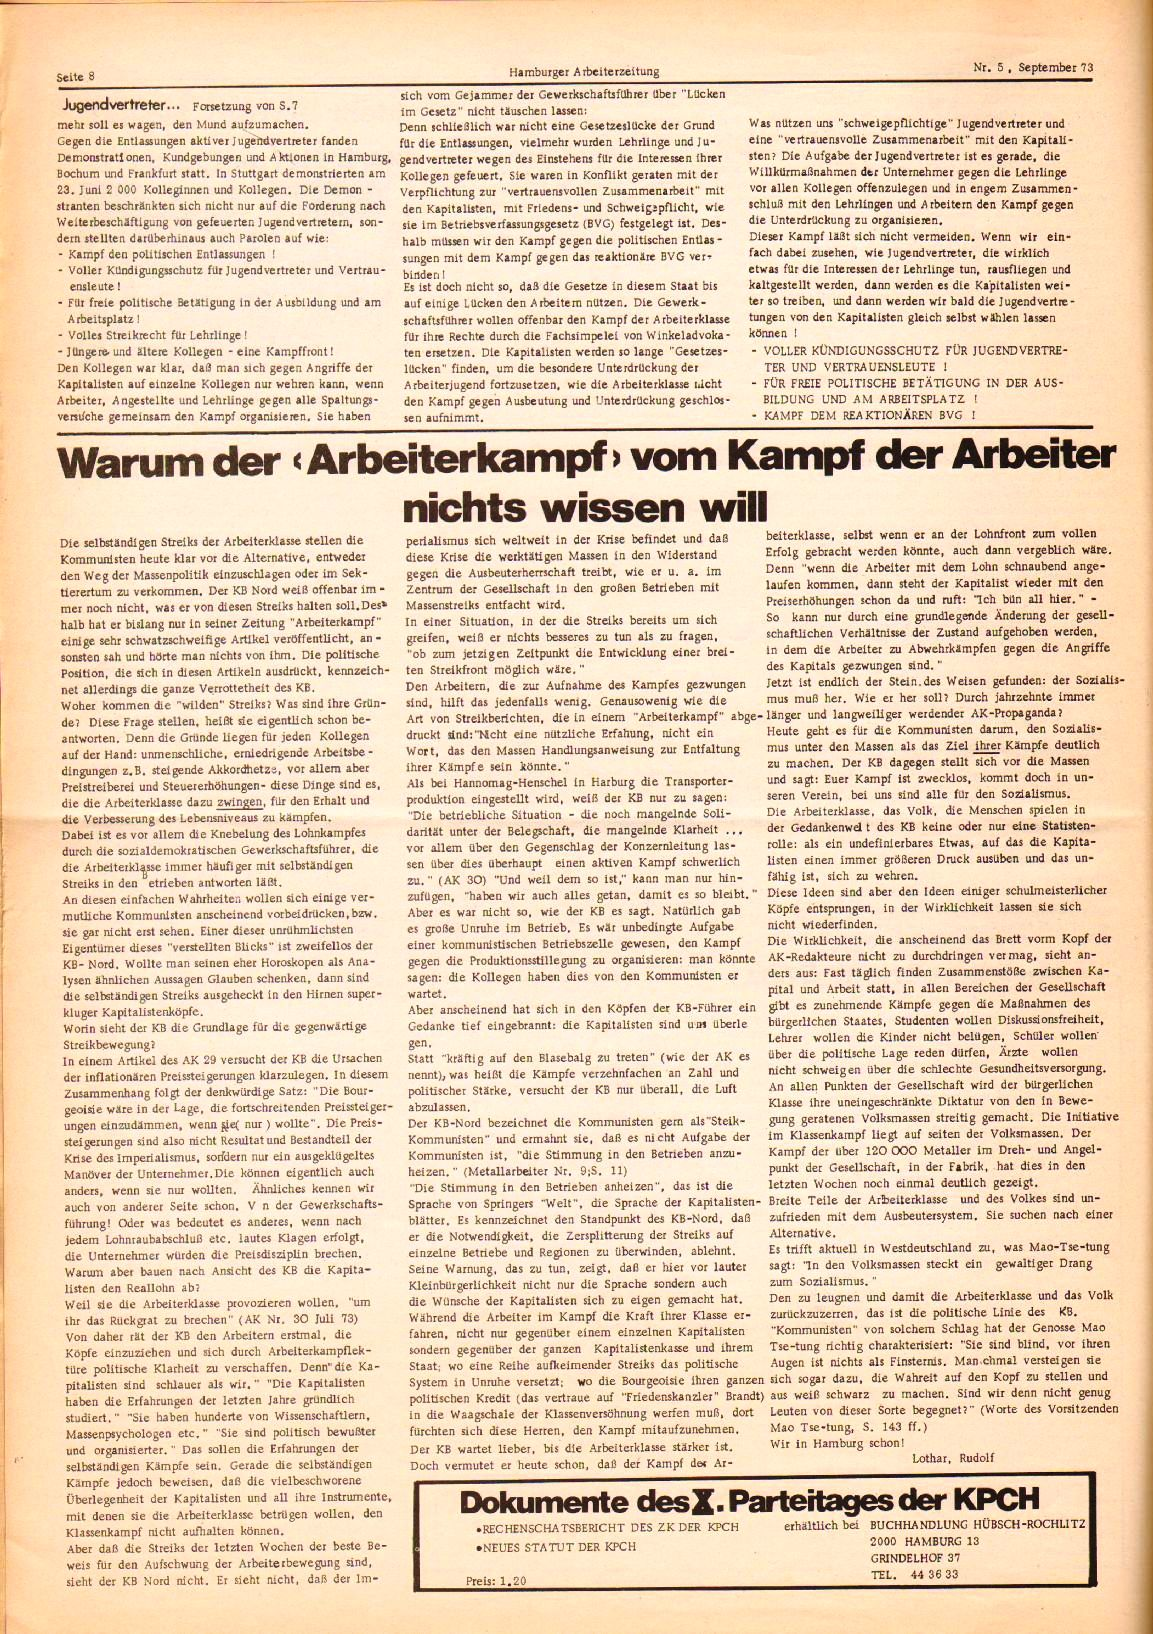 Hamburger_Arbeiterzeitung085